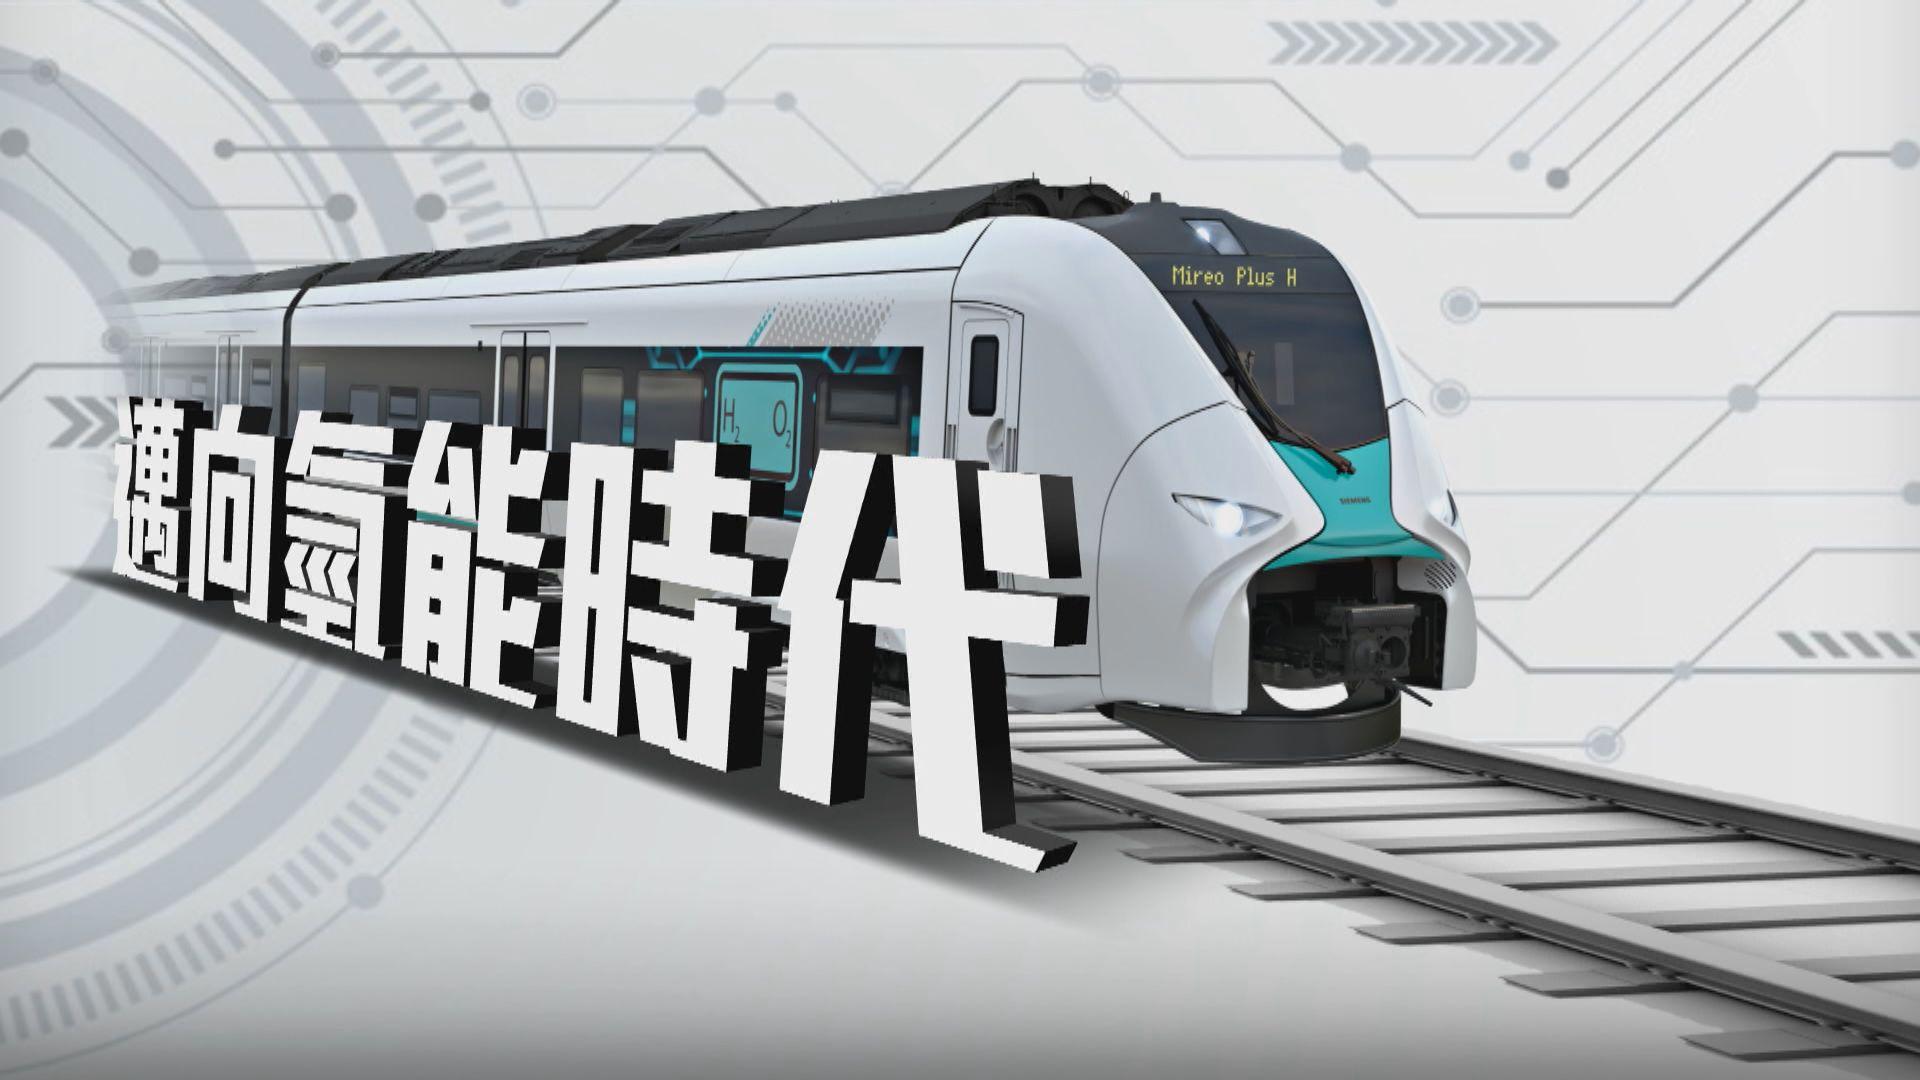 【新聞智庫】德國開發氫動力燃料電池列車 為淘汰柴油火車鋪路